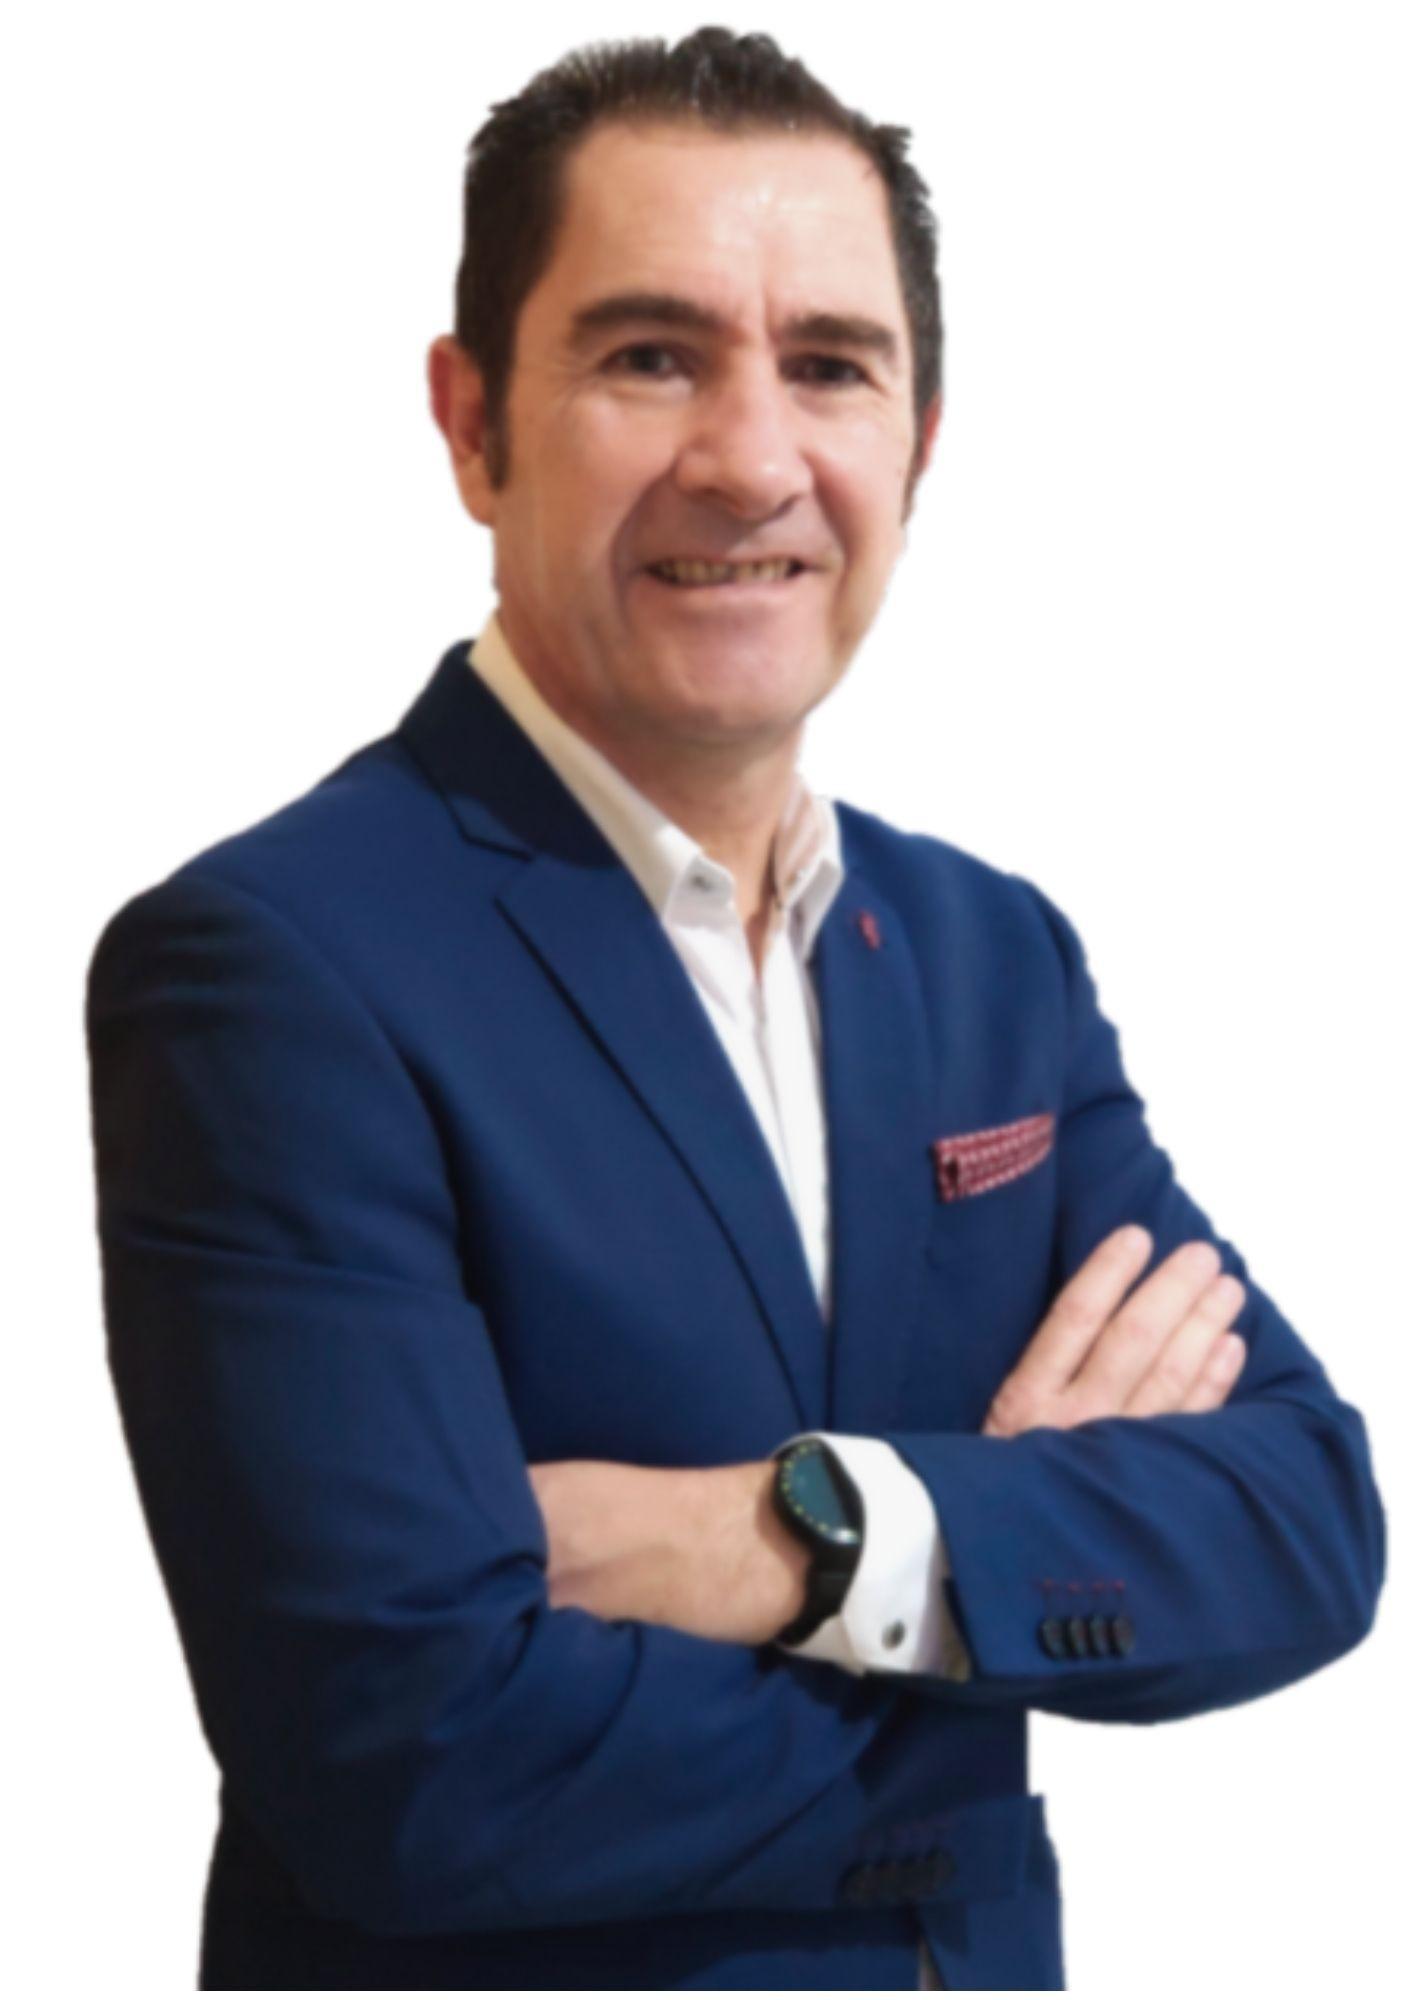 Javier Ferrer Femenia